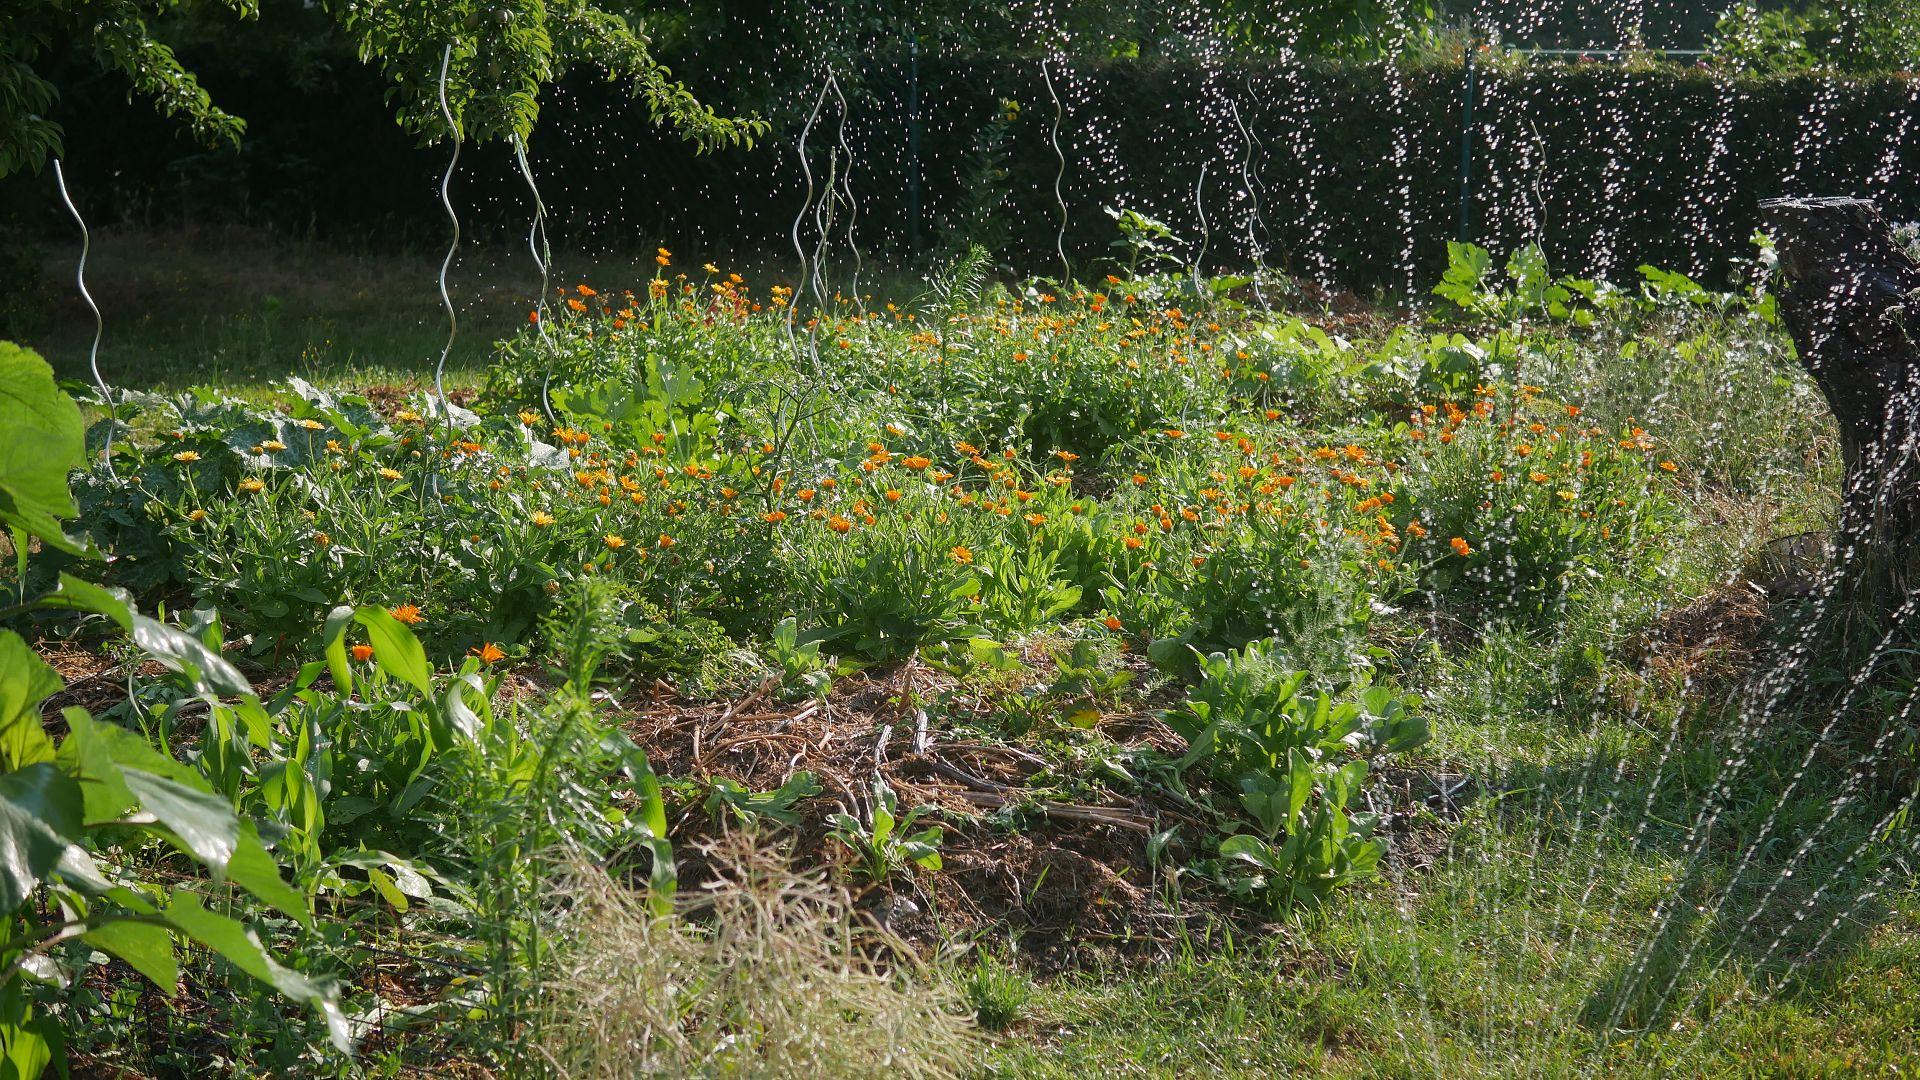 Gartenjahr 2018 Gartensaison 2018 Garteneinblick Gartenrundgang Gartenerlebnisse Gartenmomente Gemüse Korb Beet wässern